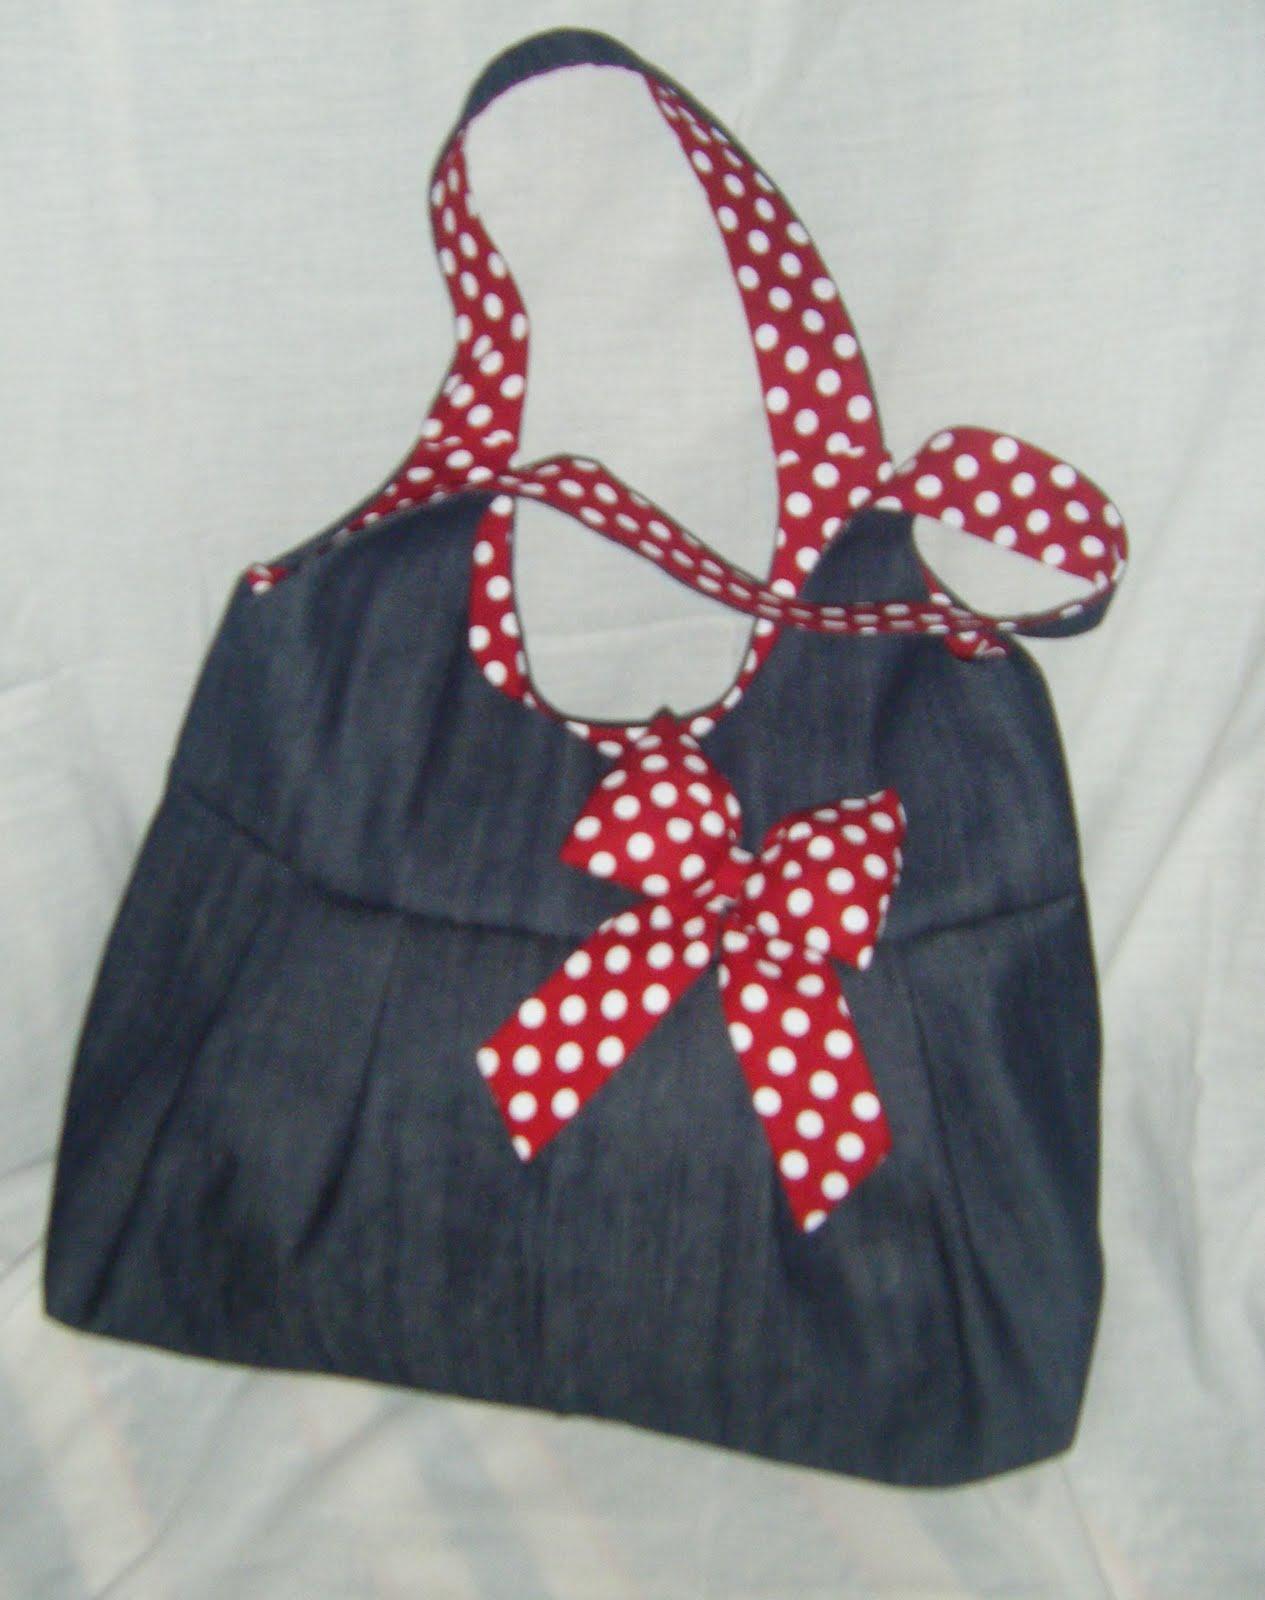 Bolsa De Tecido Jeans Passo A Passo : Telma artesanatos bolsas de tecidos artesanais